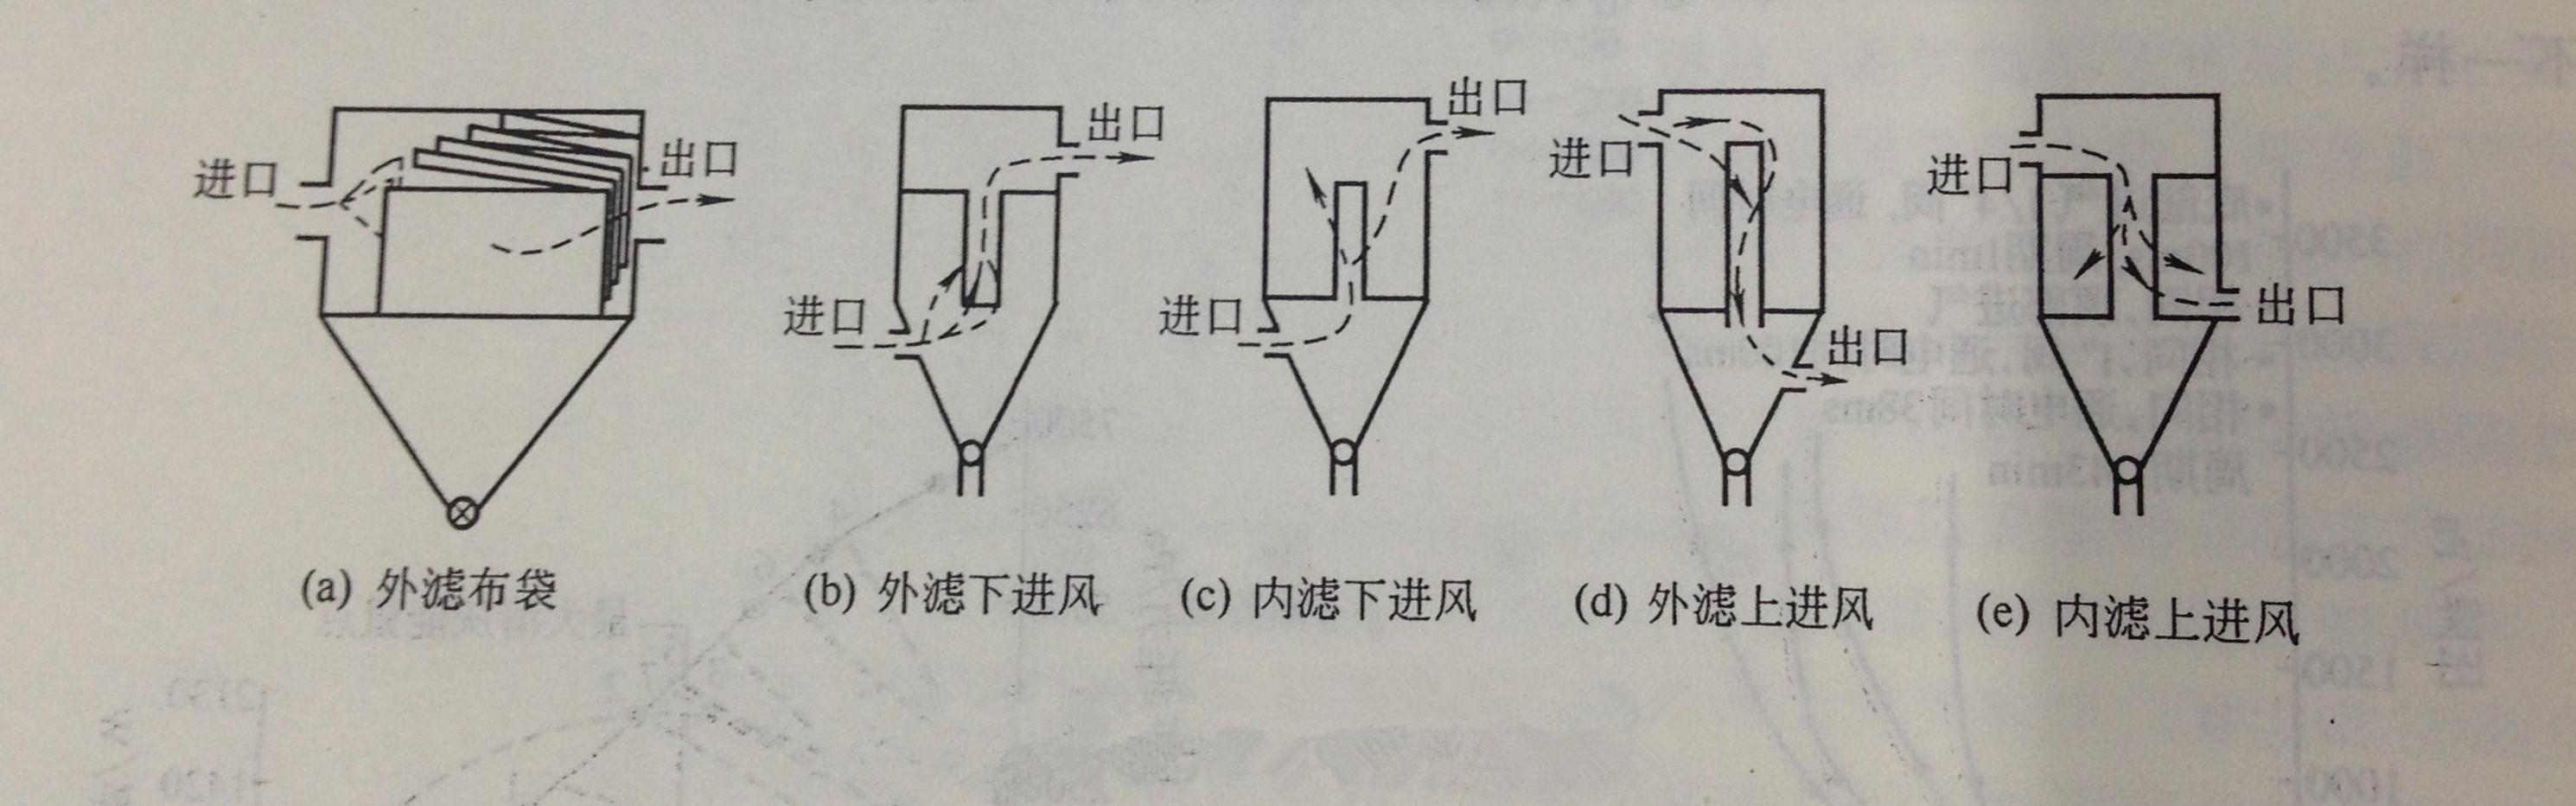 浙江布袋除尘器的结构形式分哪几种